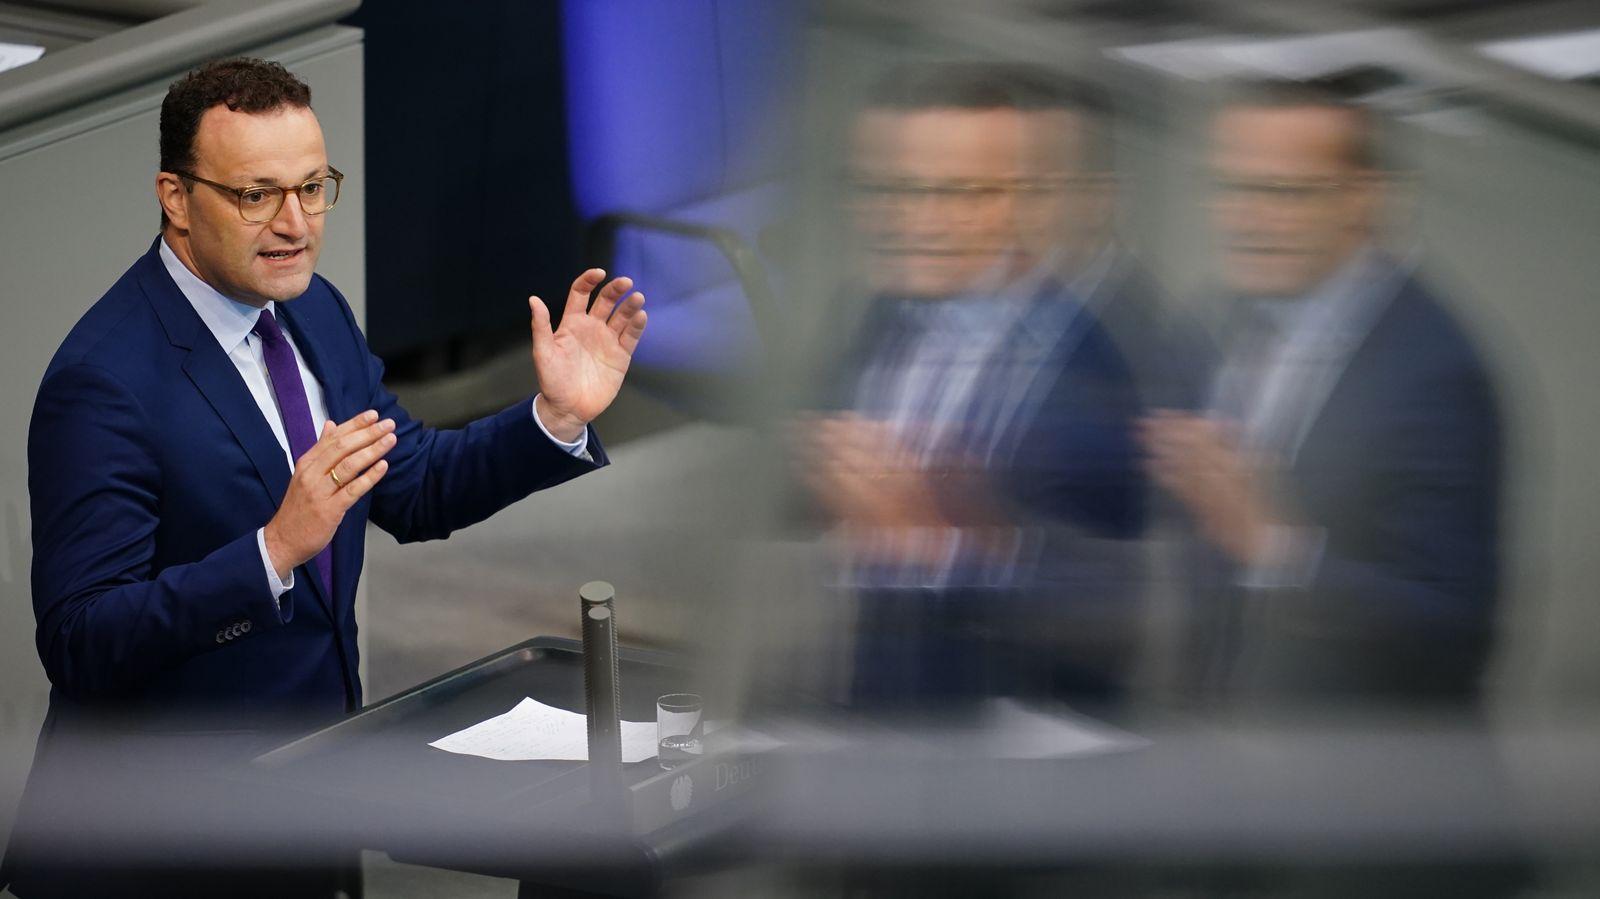 German Bundestag session, Berlin, Germany - 18 Sep 2020